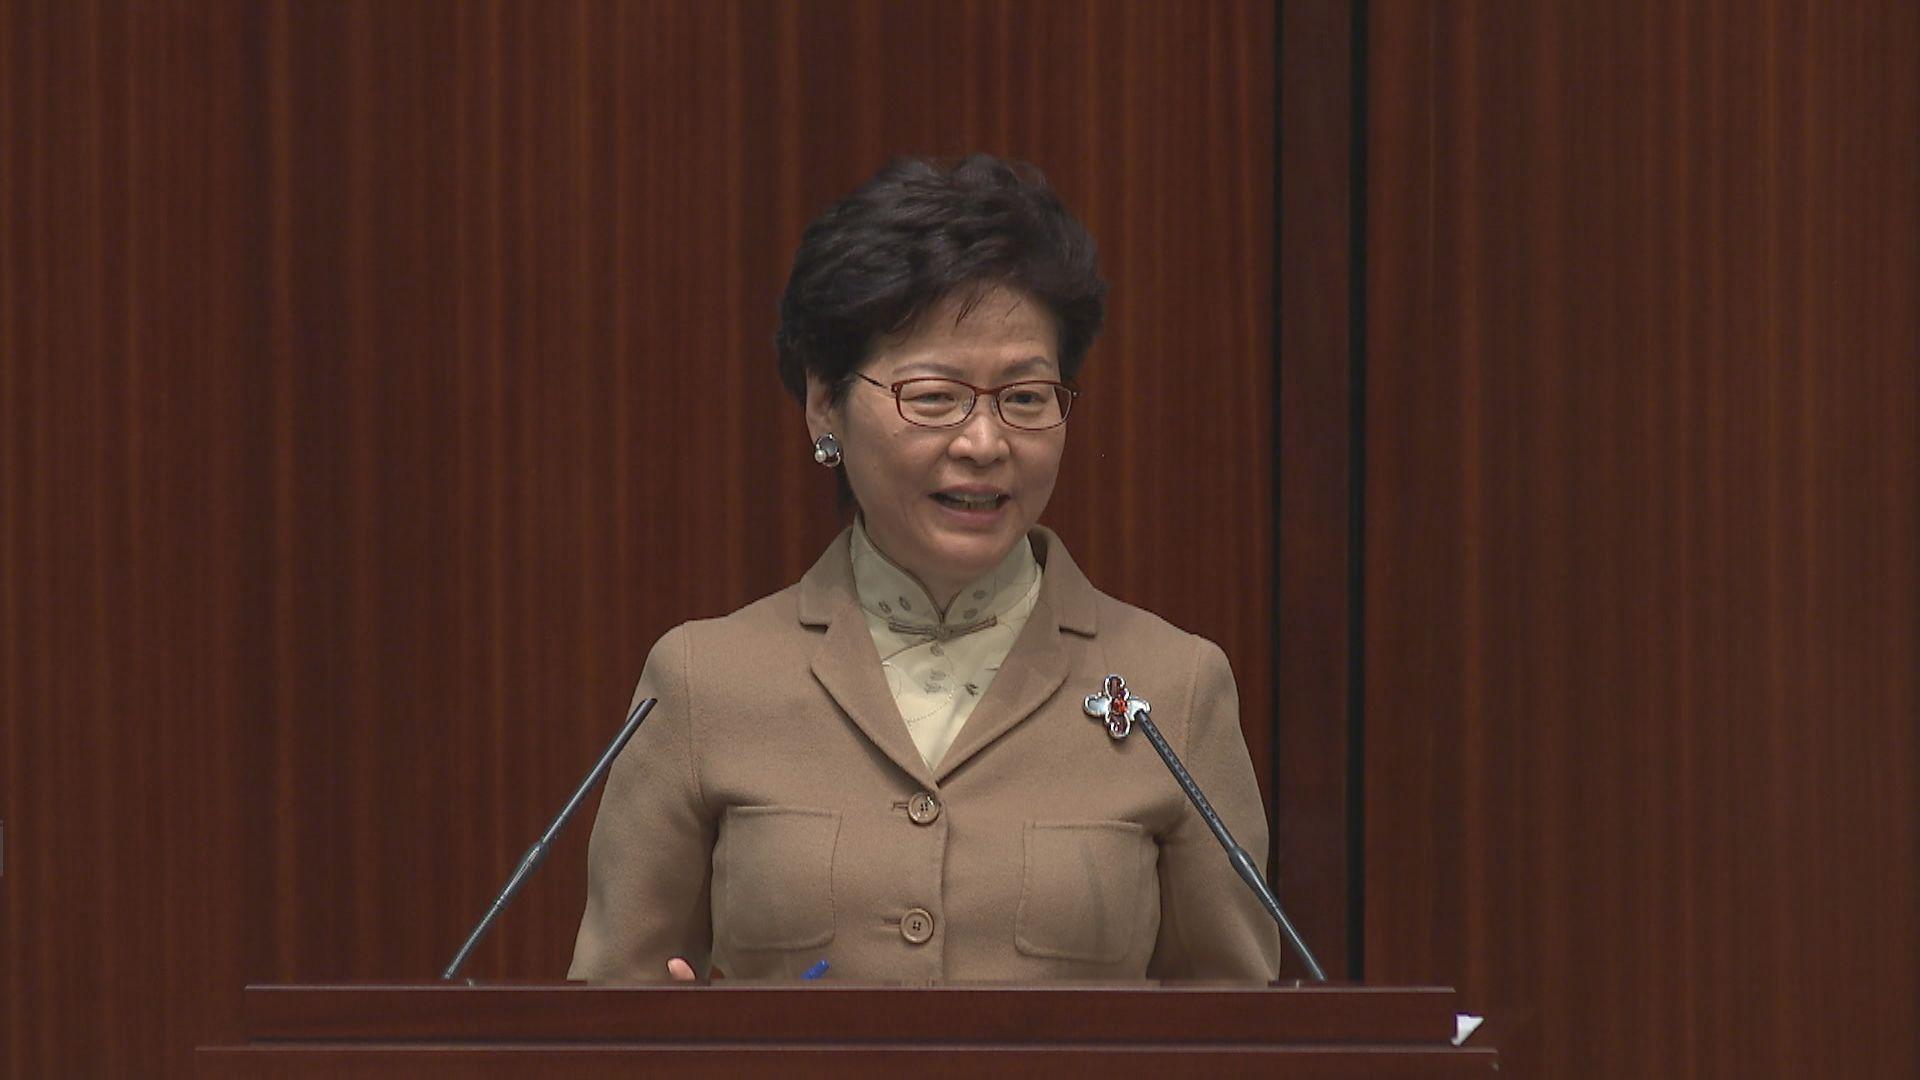 林鄭:可撤回修改差餉寬減機制建議